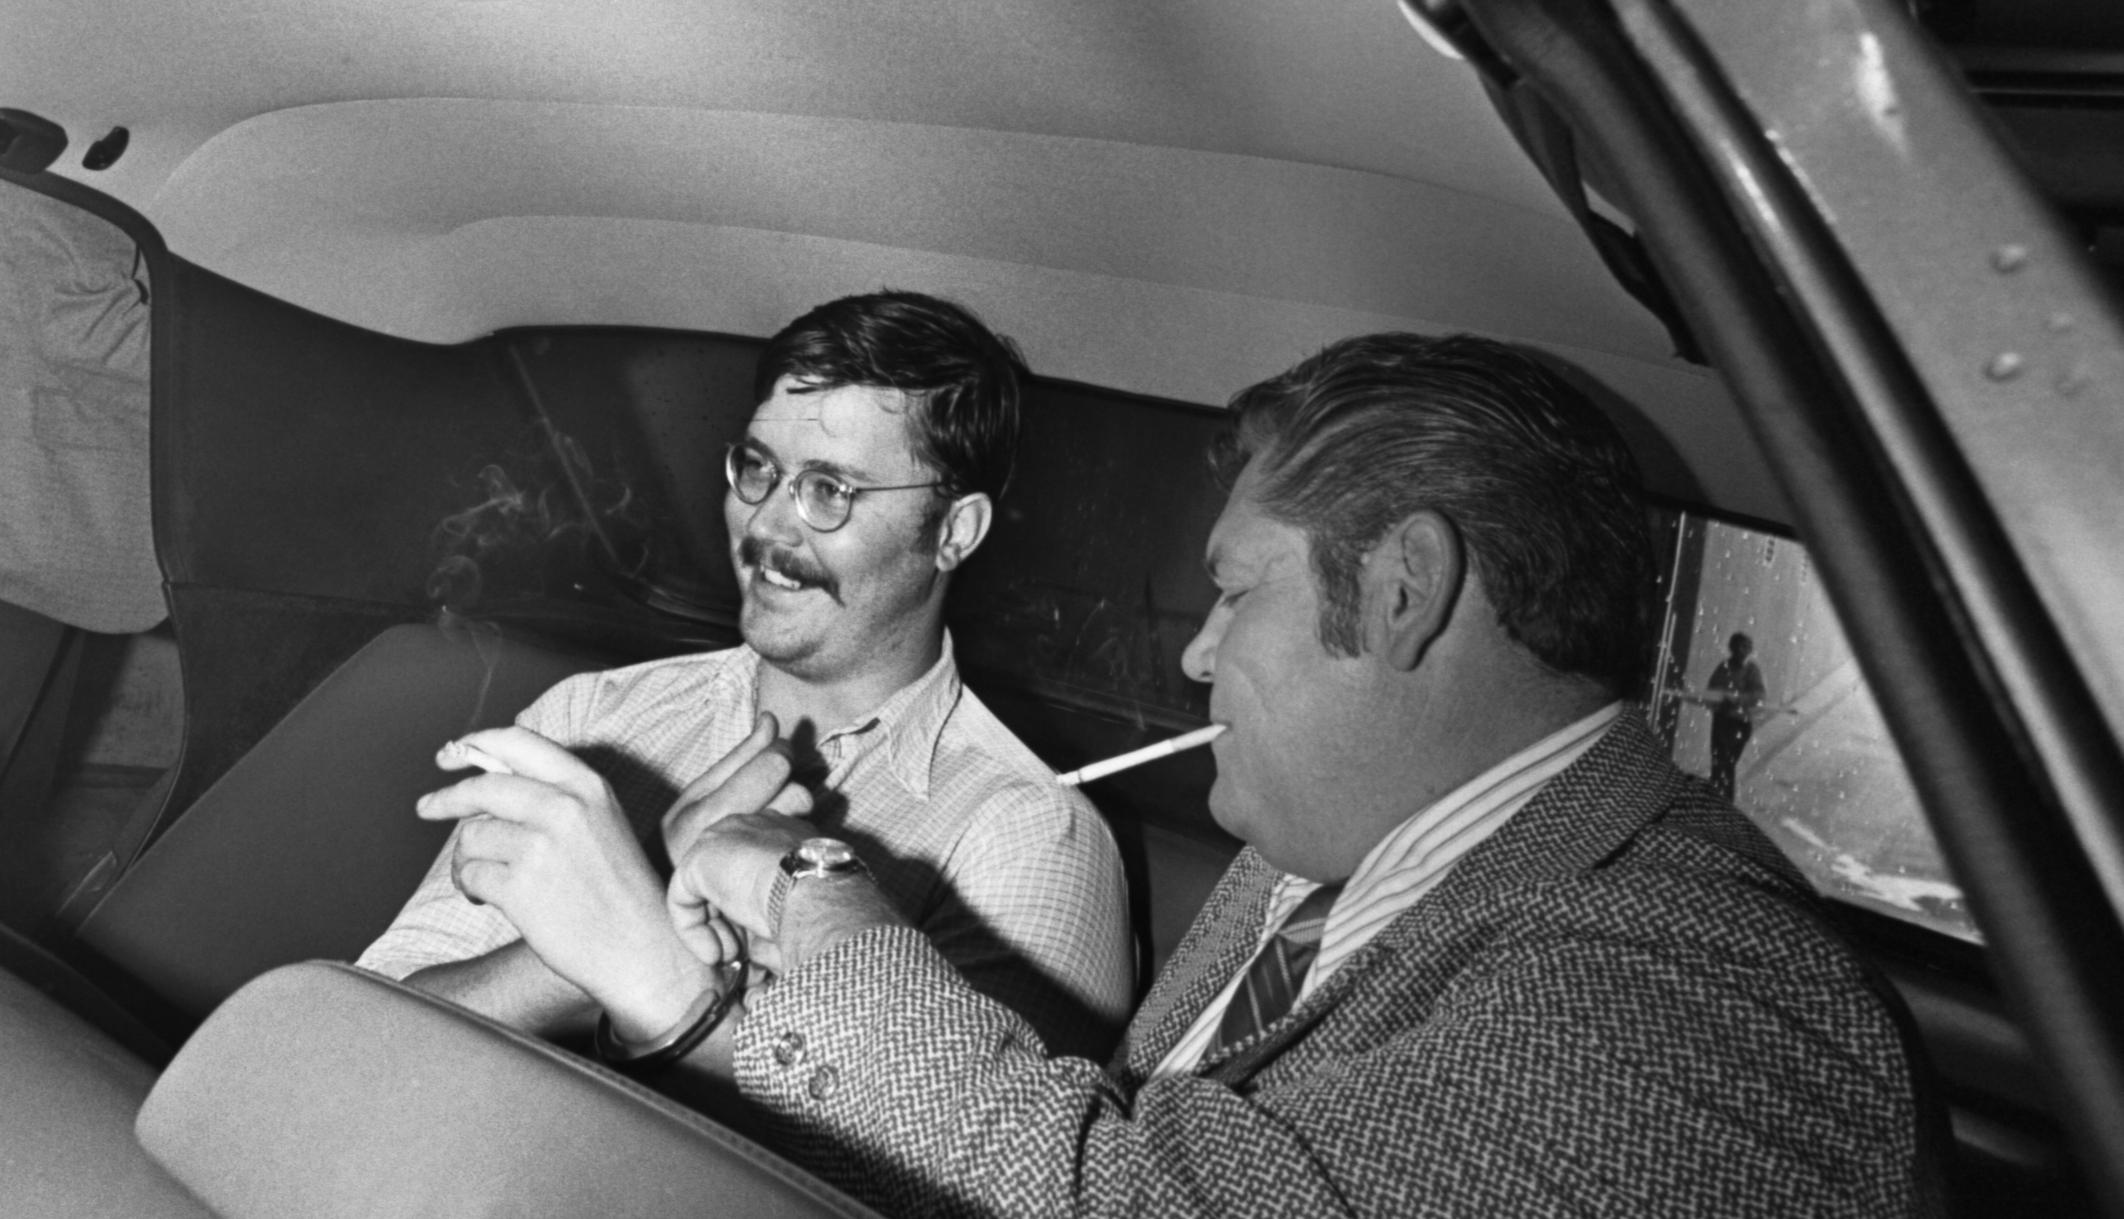 ed-kemper-car-detective-laughing.jpg